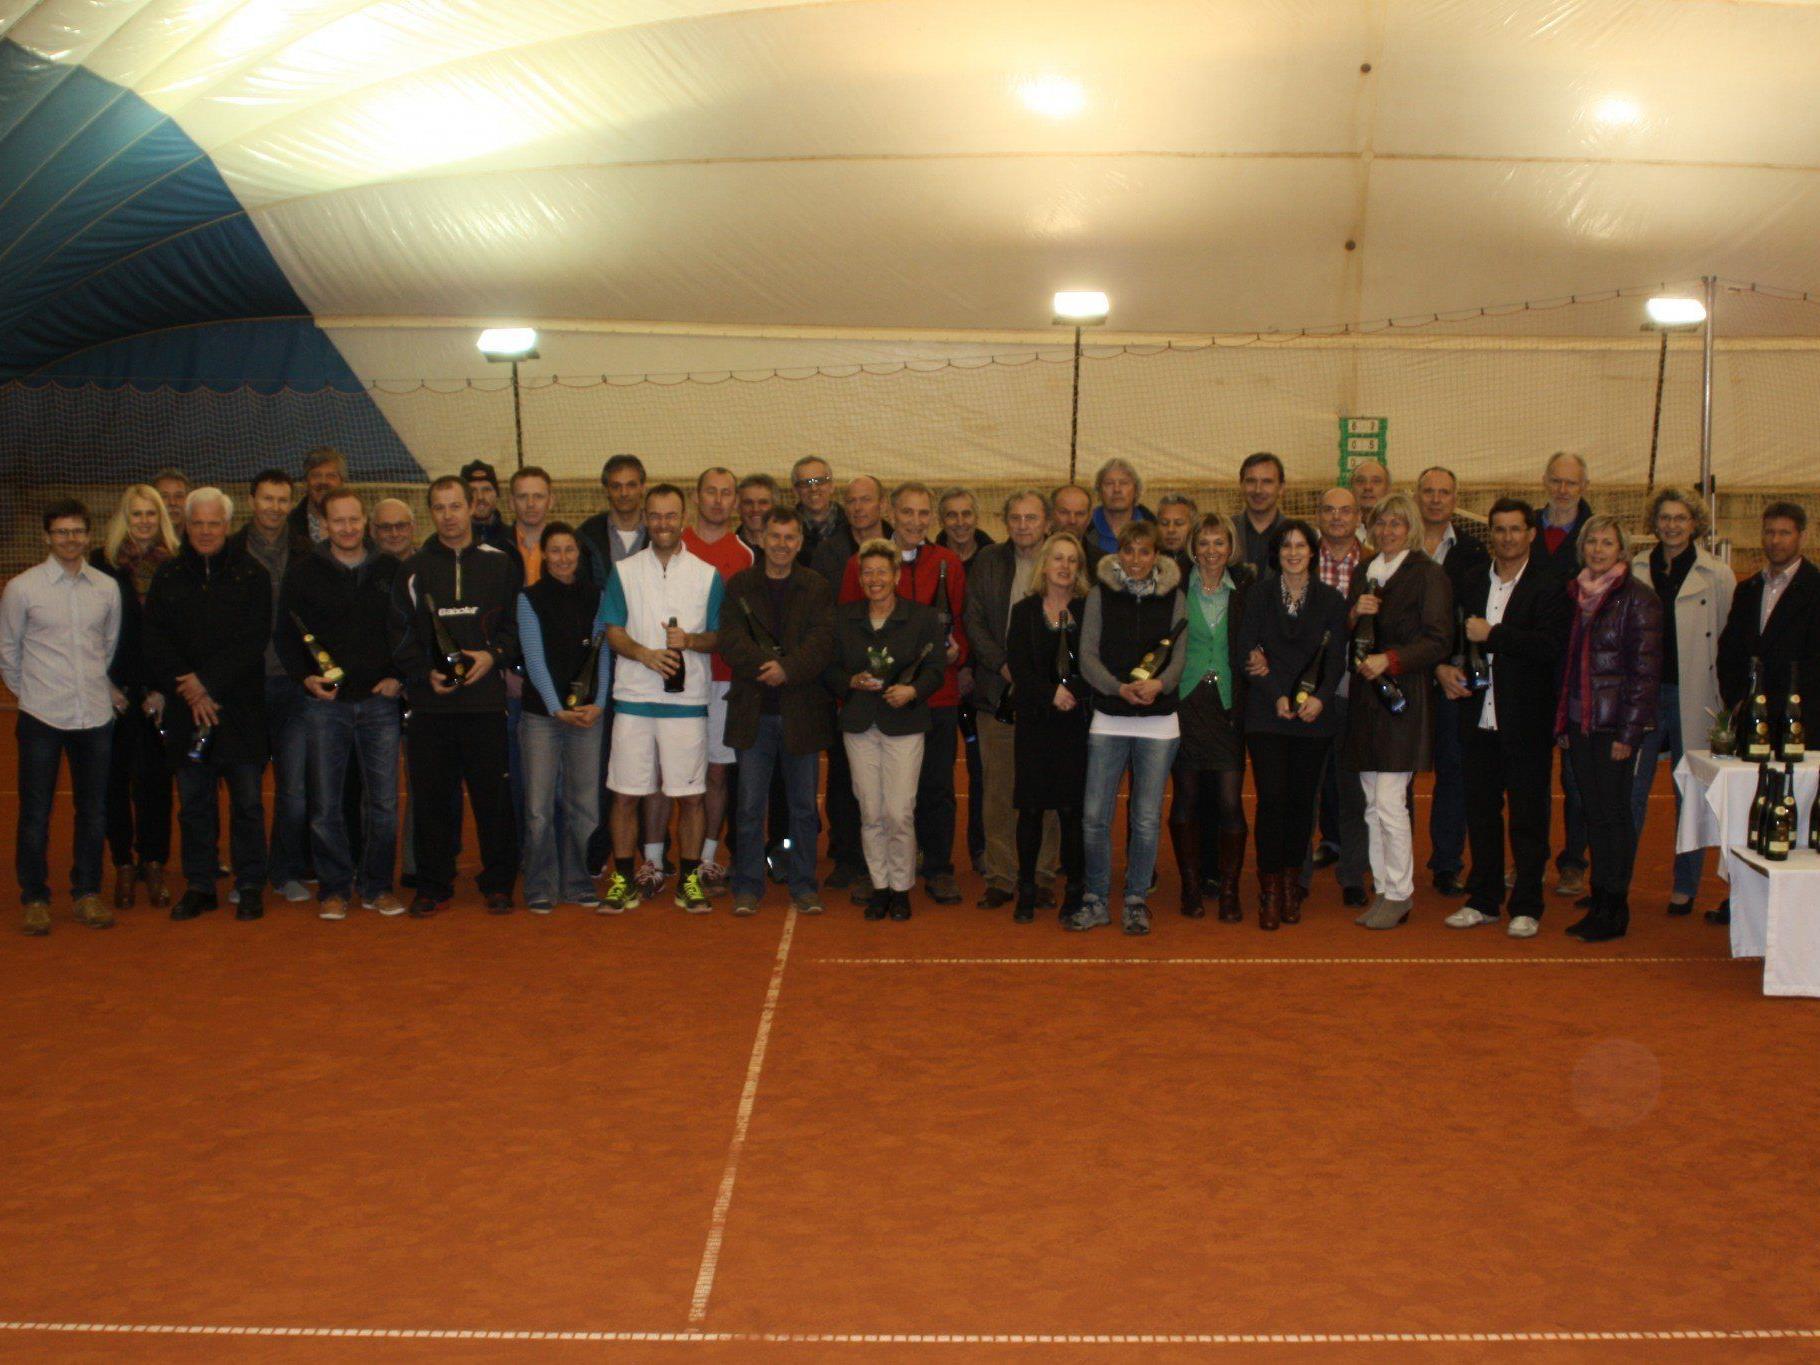 Alle Sieger der diesjährigen Tennis Seniorentitelkämpfe in Altenstadt.